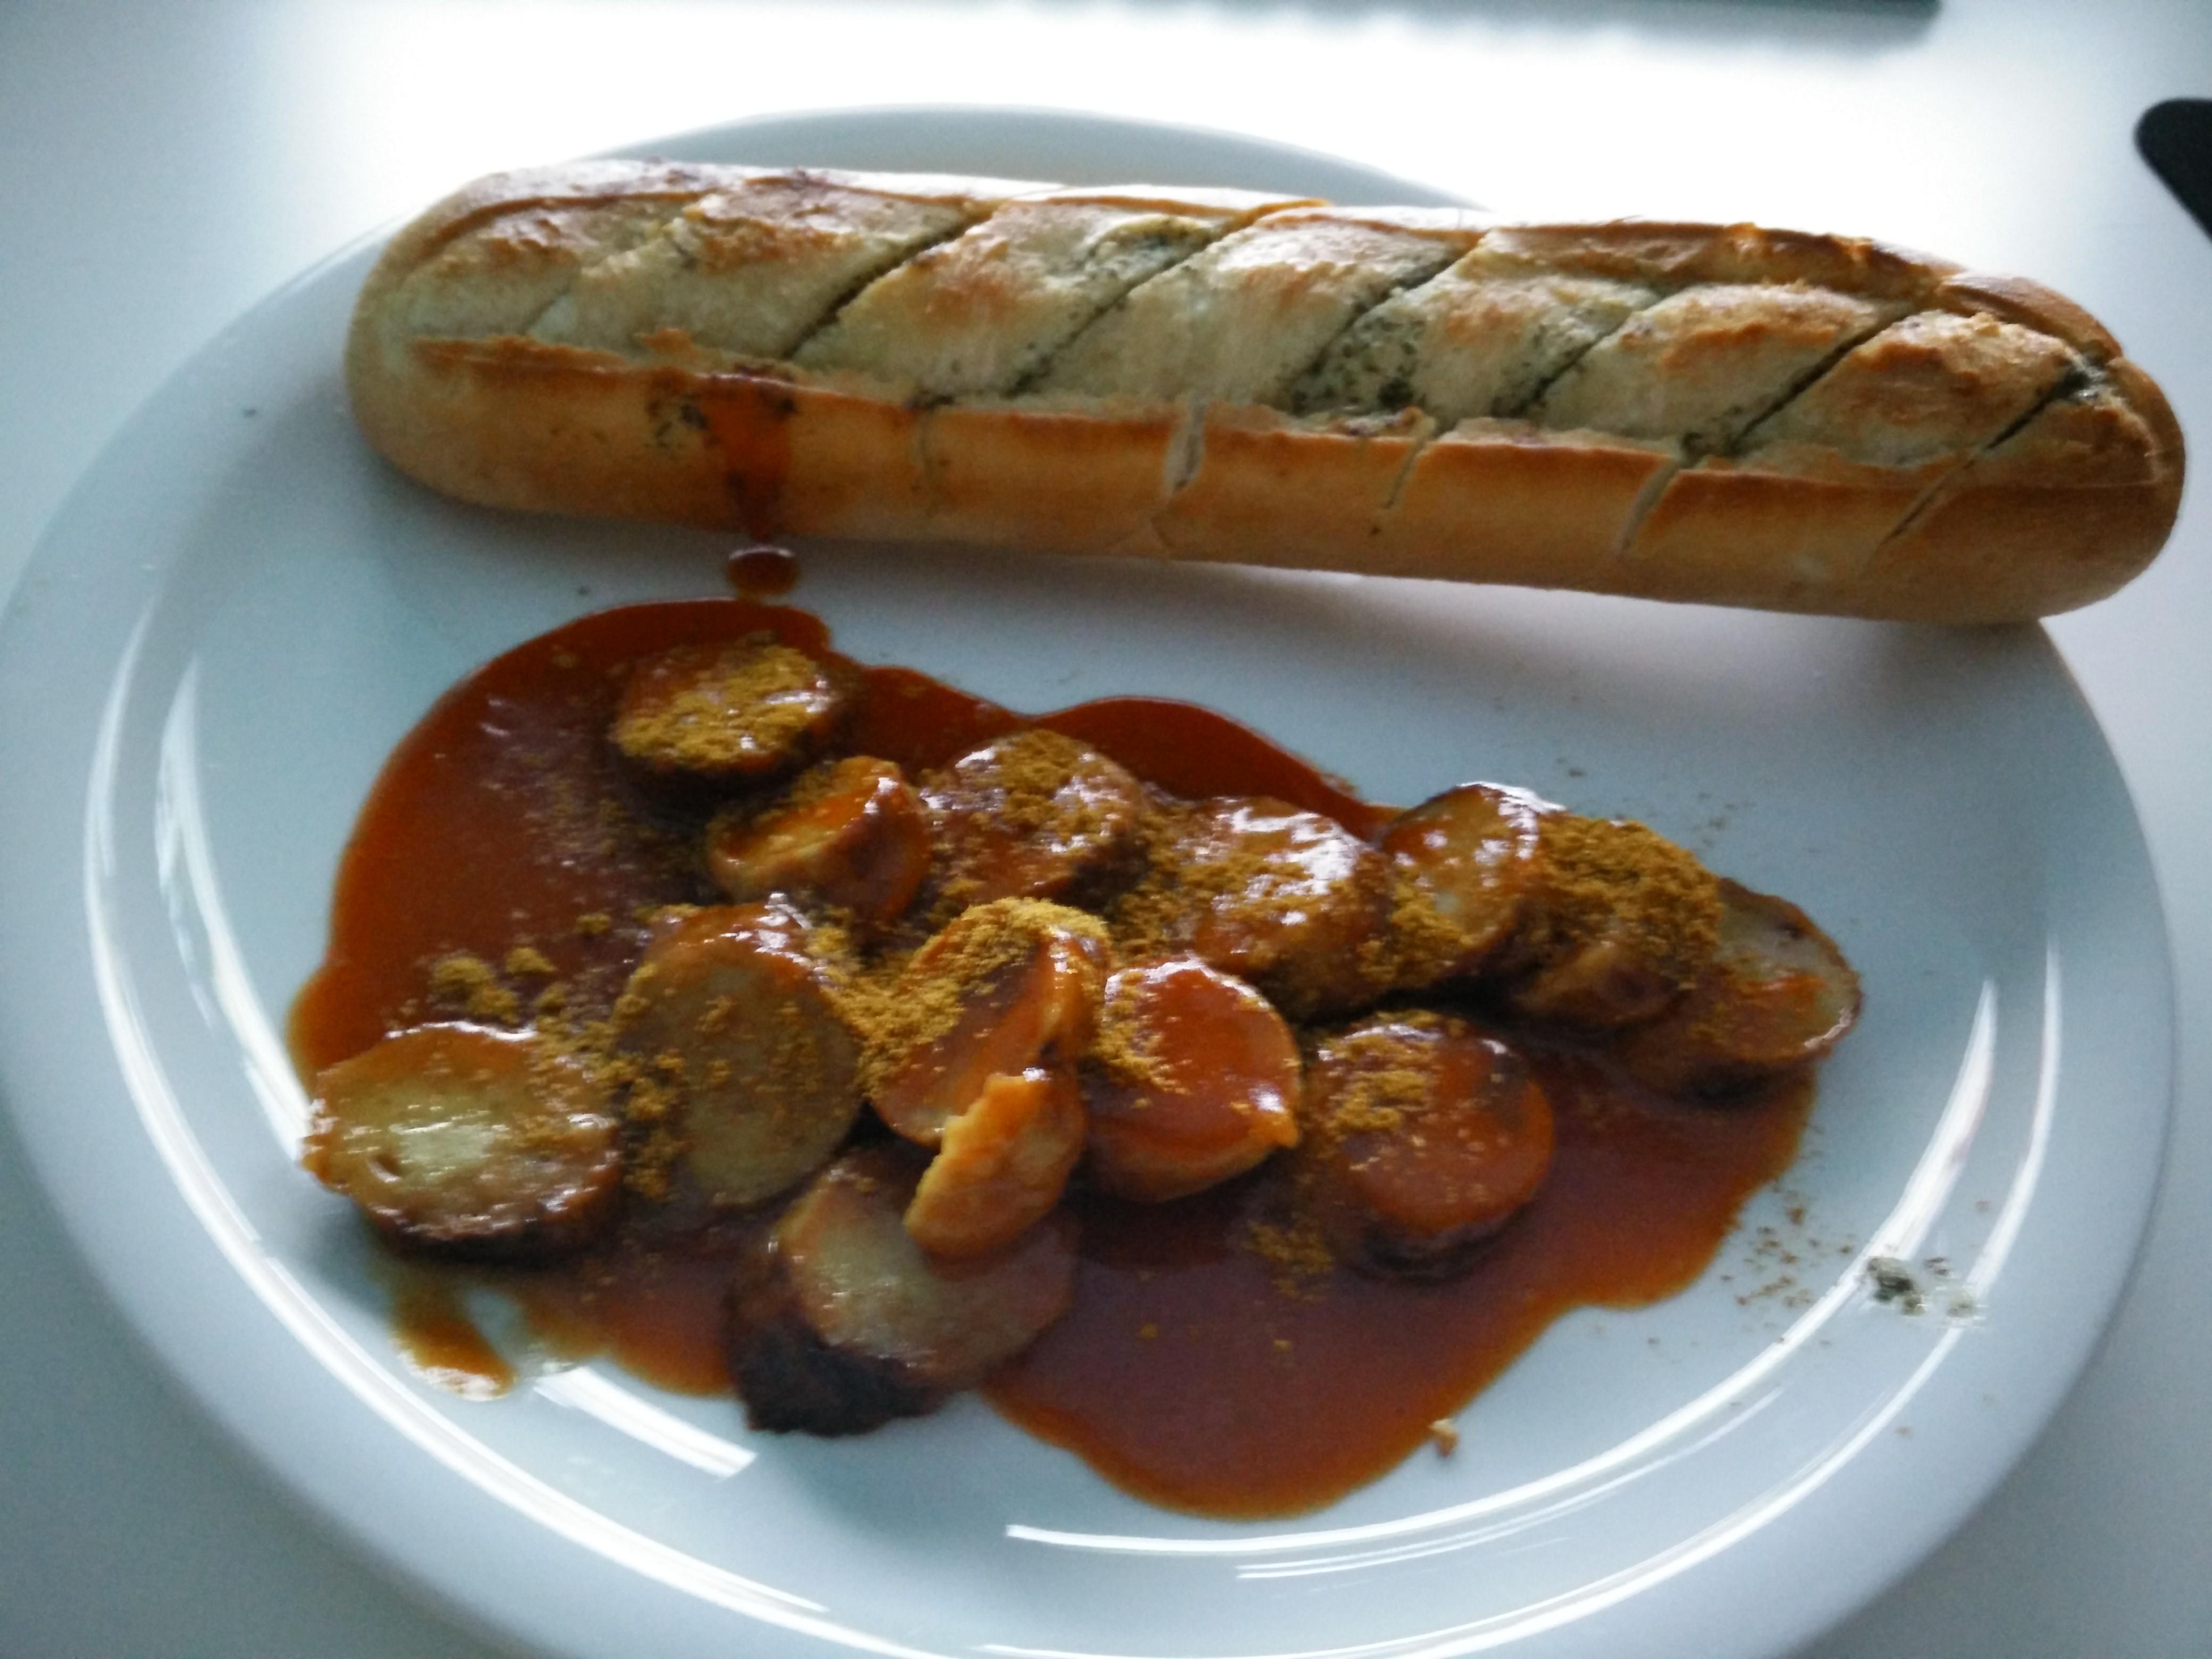 http://foodloader.net/Holz_2015-08-20_Muehlen_Currywurst_gegrillt_mit_Kraeuterbaguette.jpg